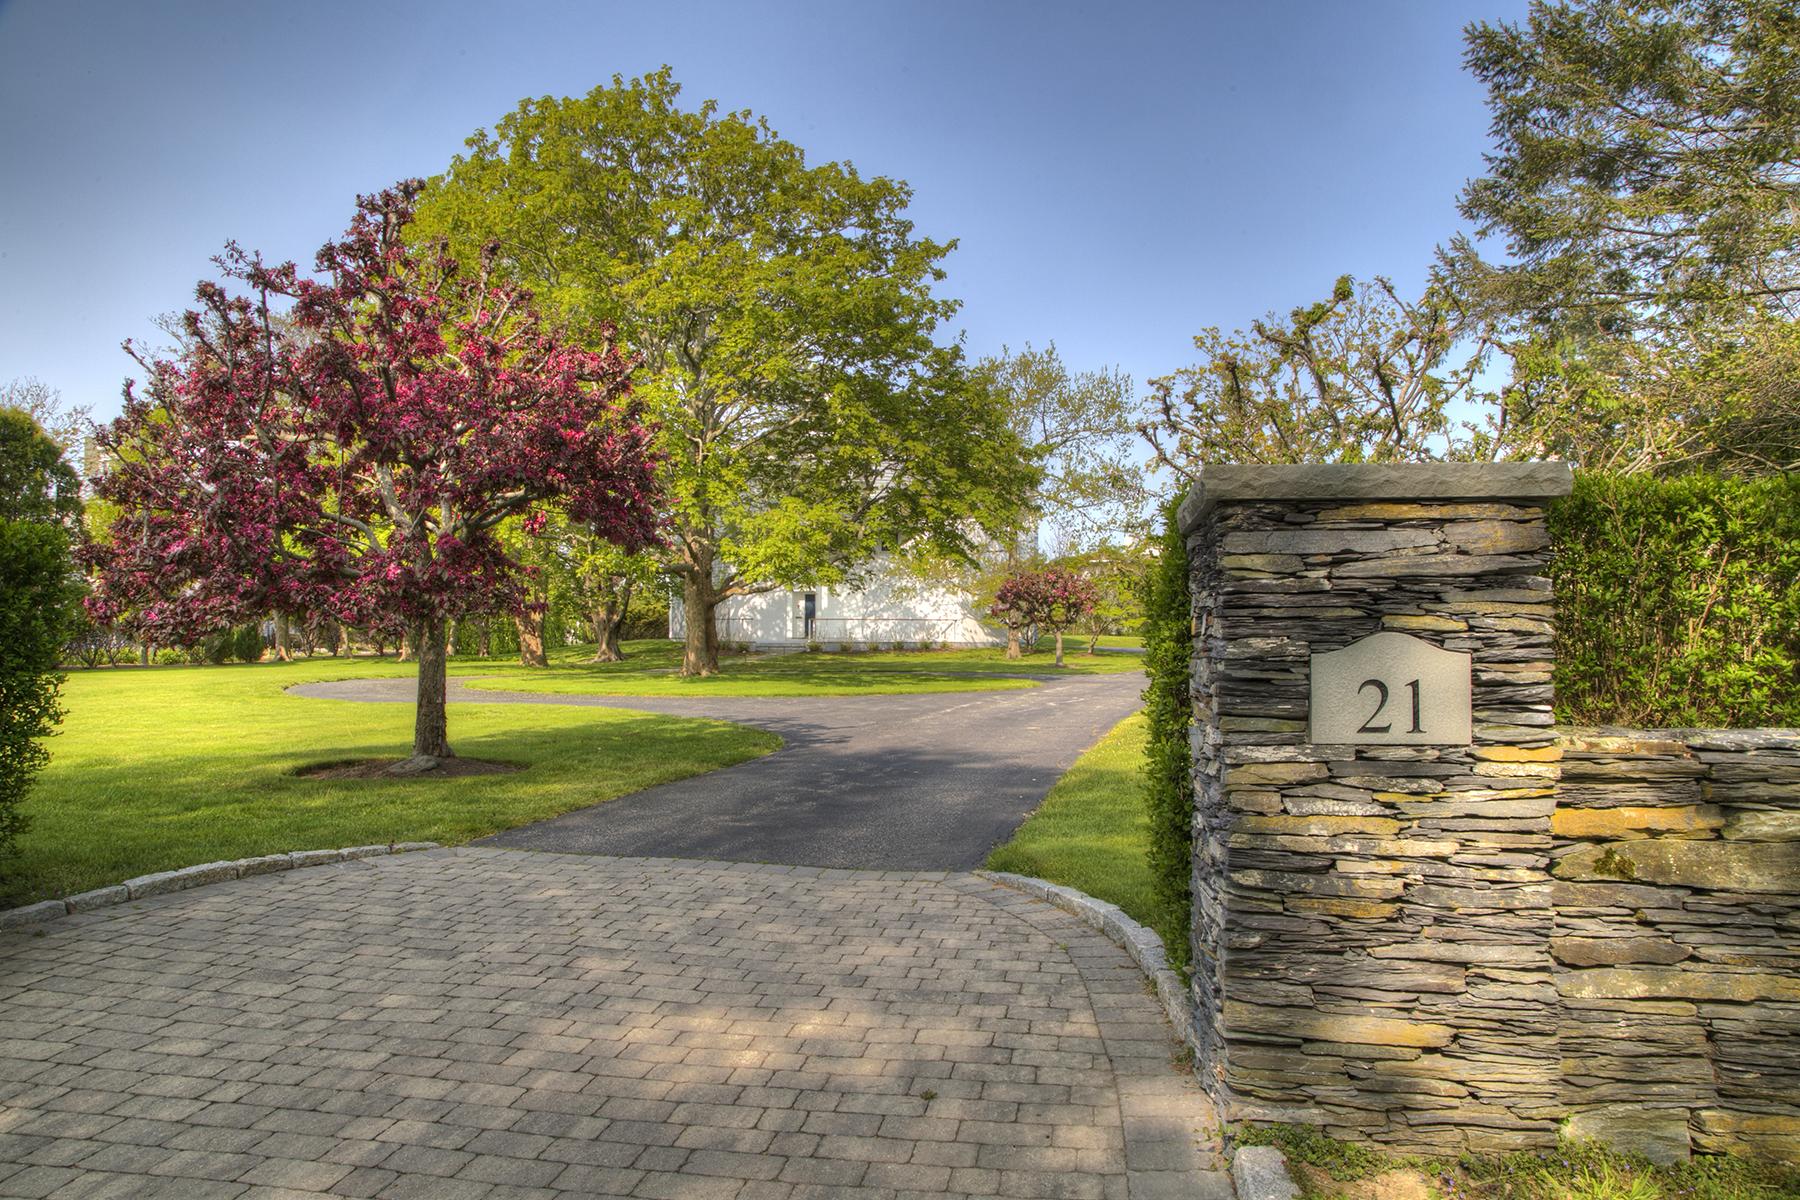 Casa Unifamiliar por un Venta en Unique Ocean View Contemporary 21 Atlantic Avenue Newport, Rhode Island, 02840 Estados Unidos